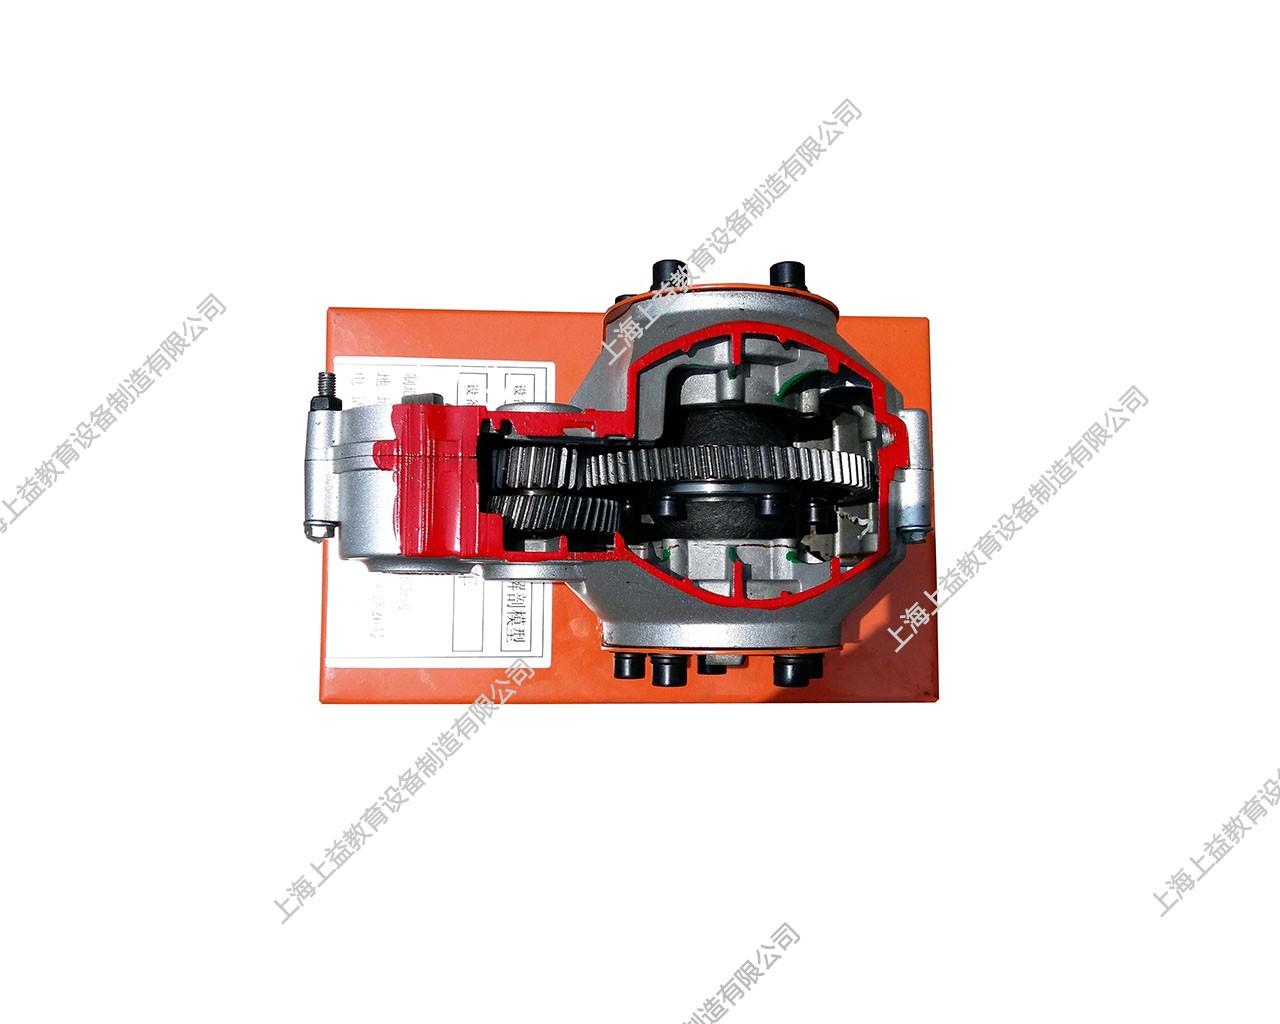 纯电动车减速器解剖模型